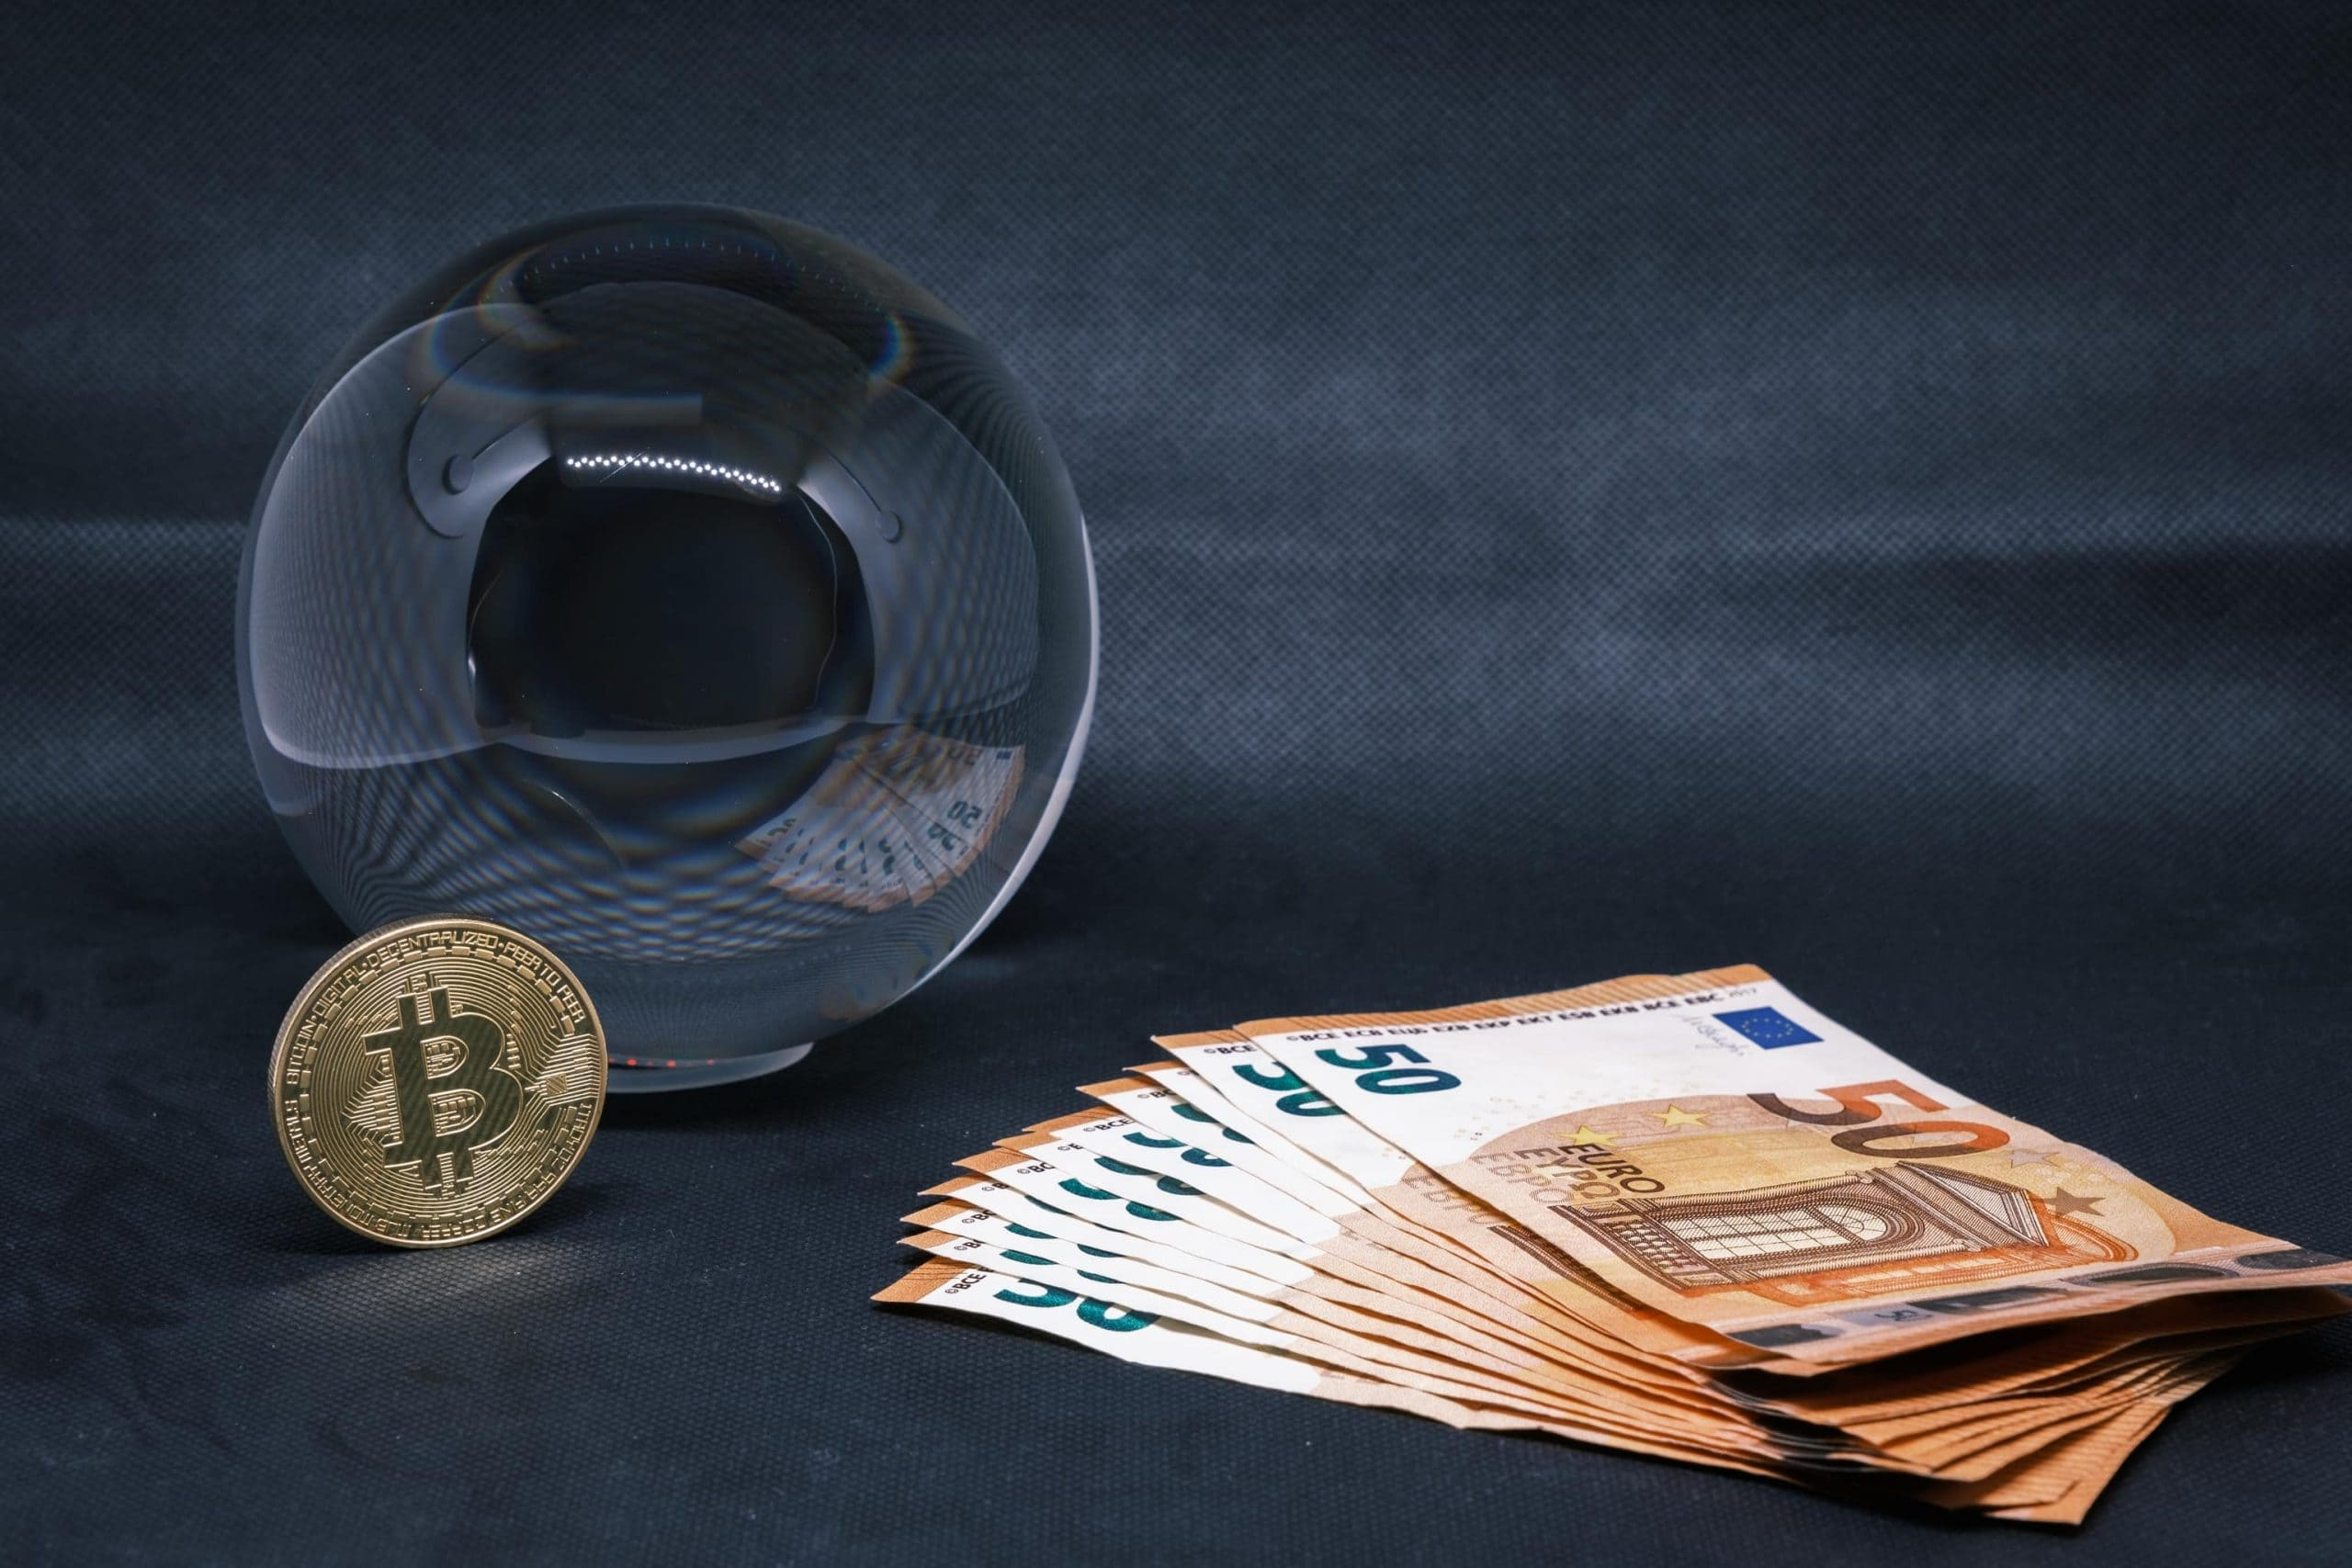 Eine Bitcoin-Münze vor einer Glaskugel, im Vordergrund mehrere 50-Euro-Scheine